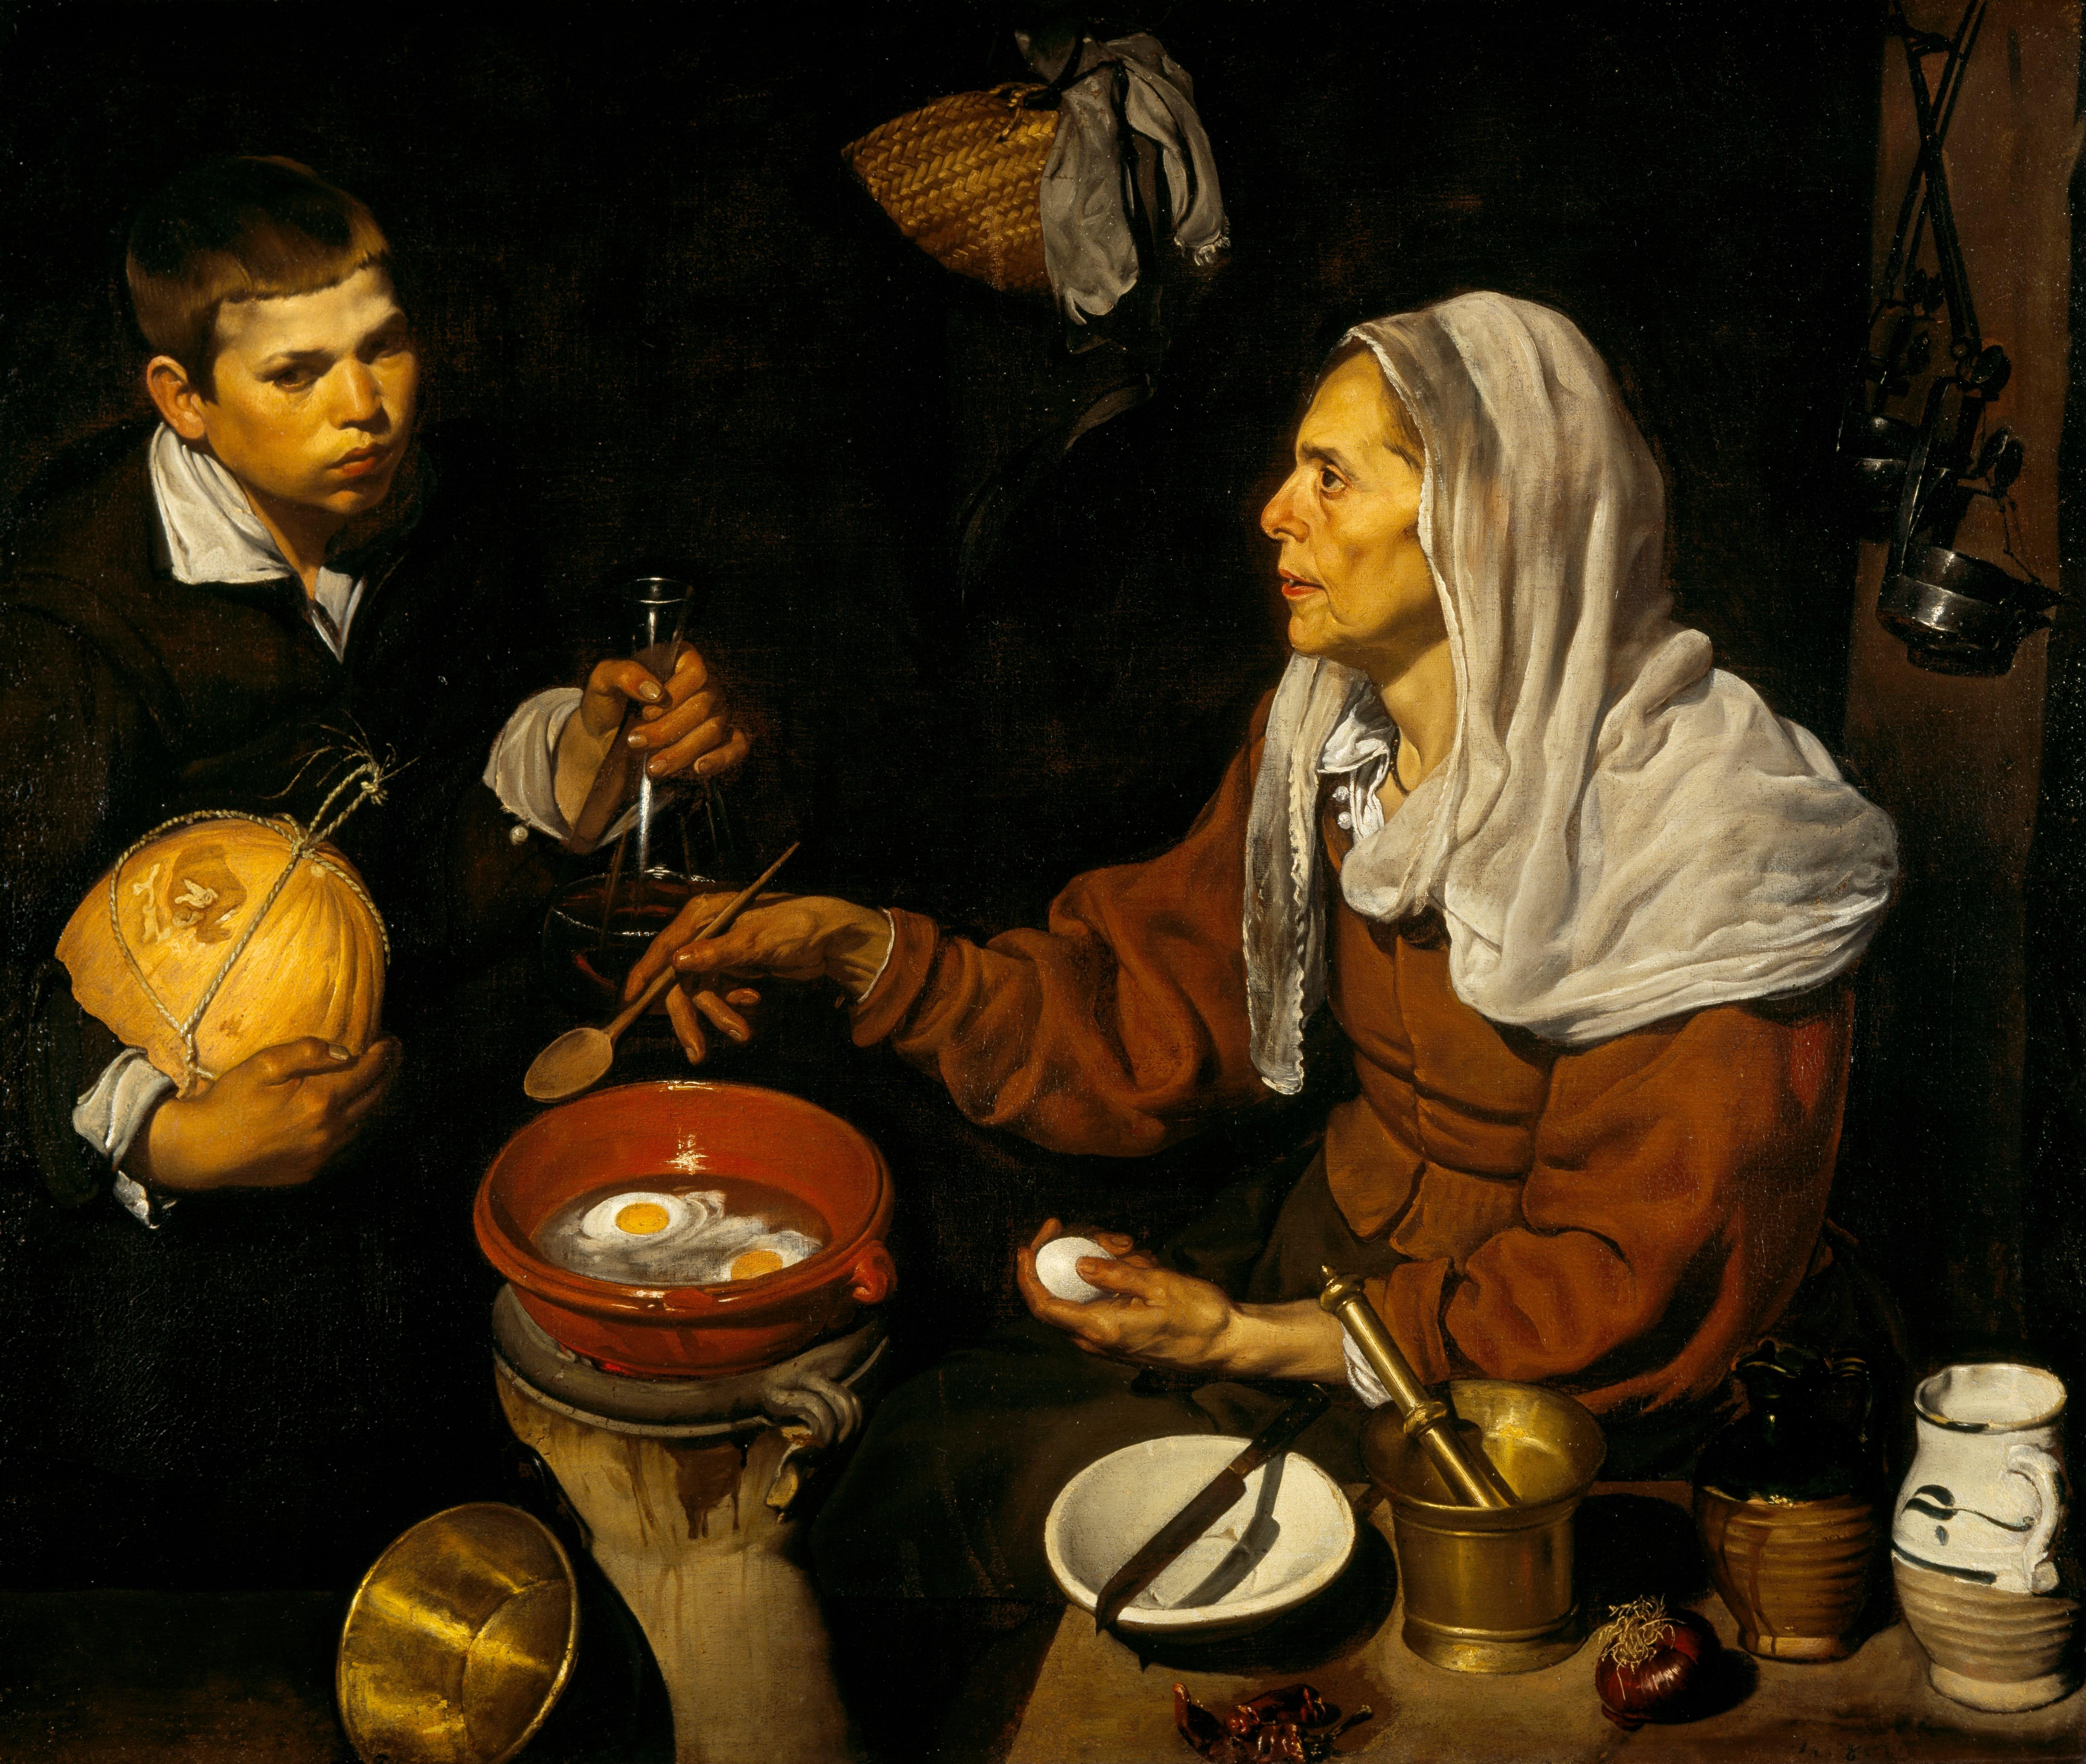 Depiction of Cazuela de barro